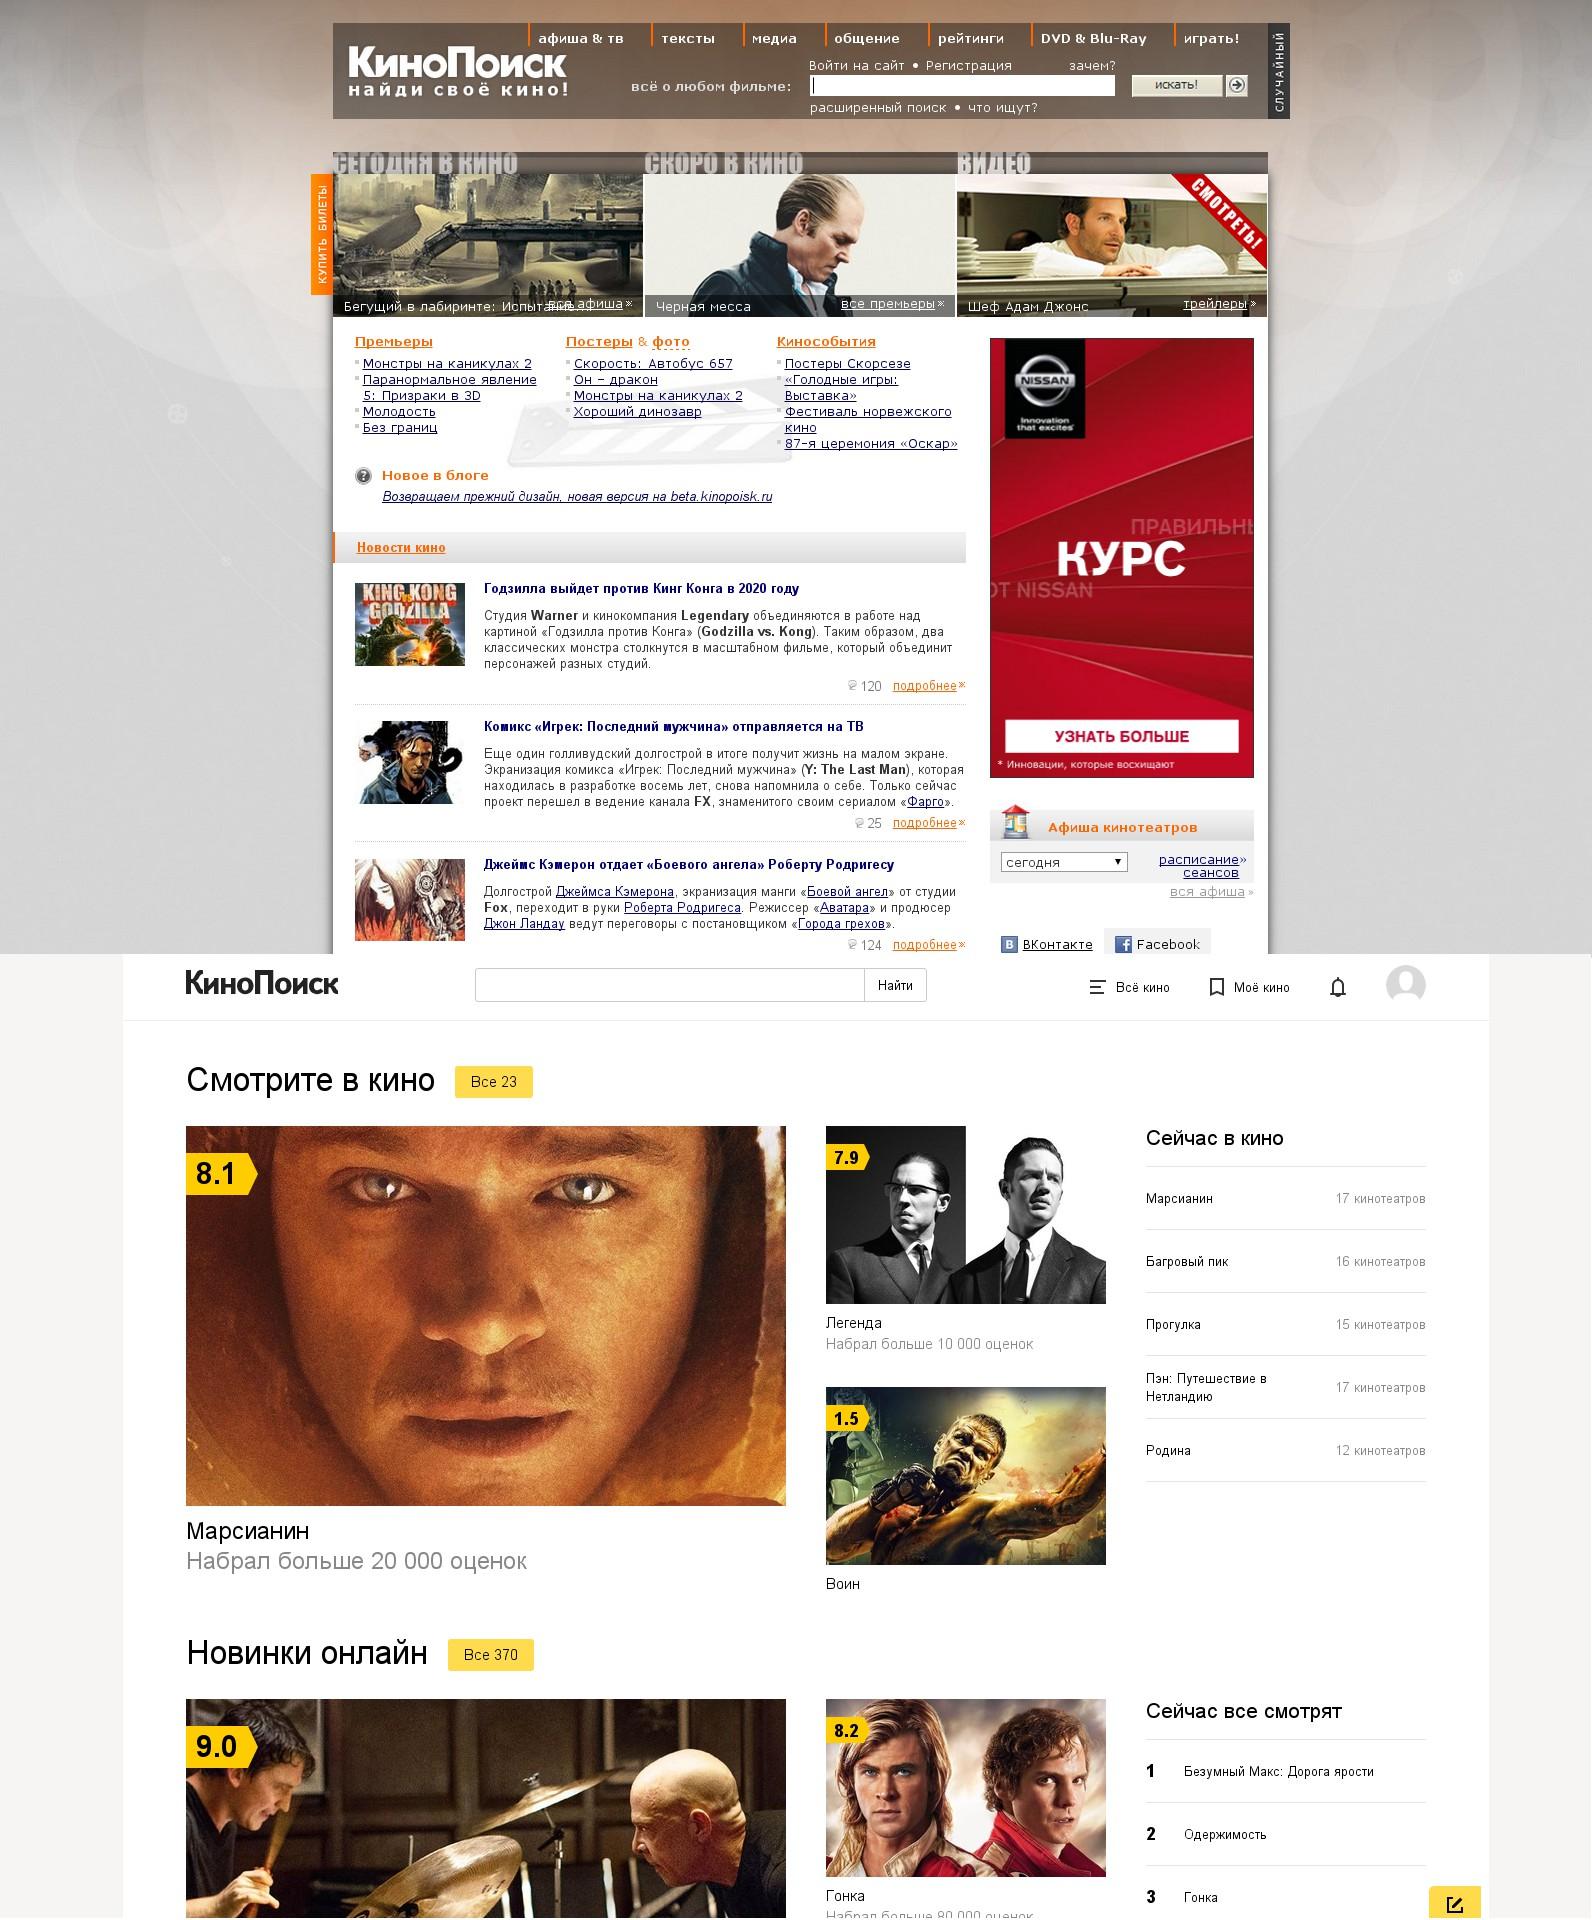 «КиноПоиск» старый и новый — на экране десктопа. Неправильное сравнение.